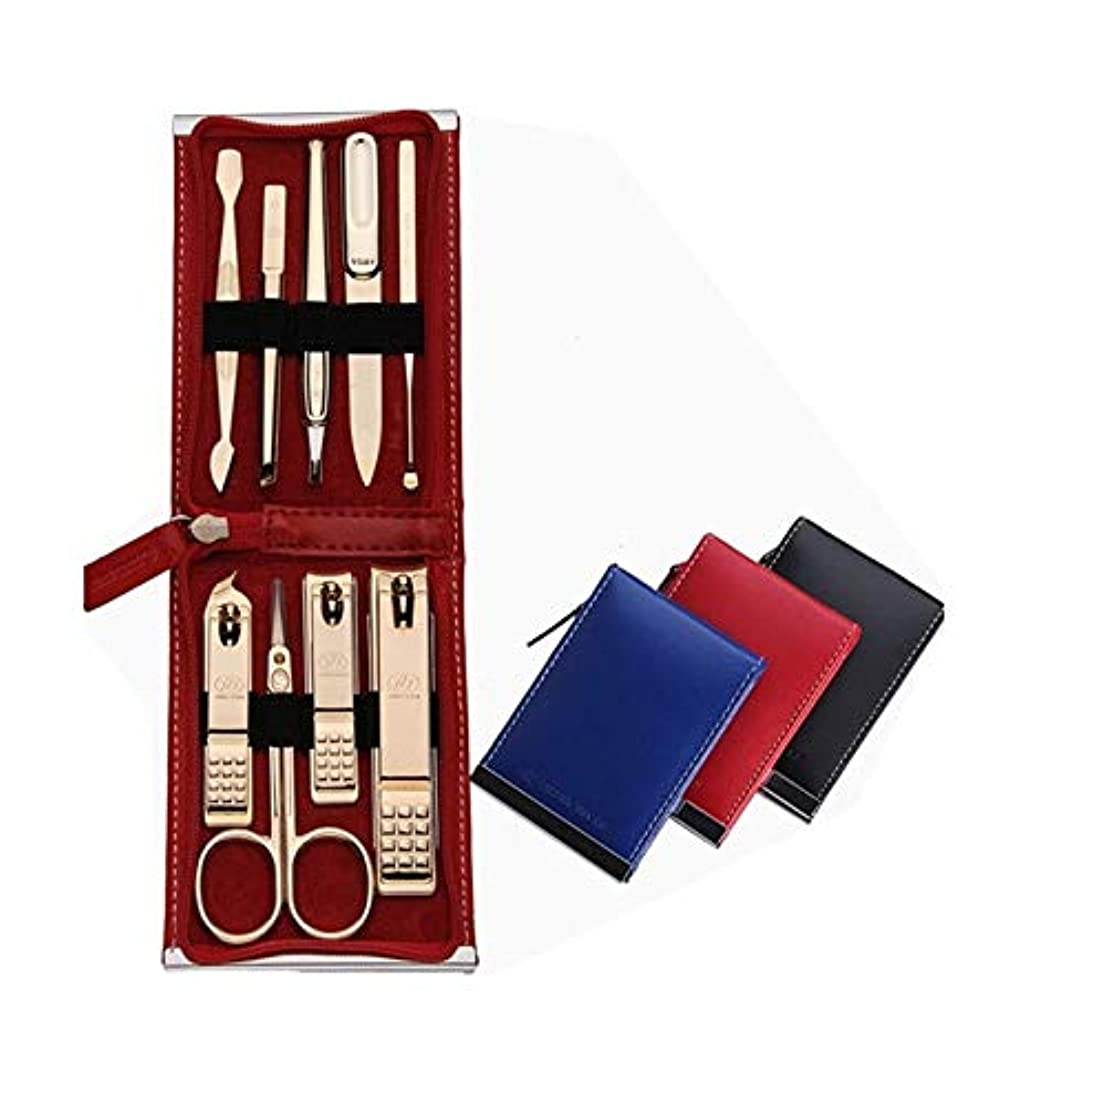 太鼓腹悲惨な少数TUOFL ネイルハサミセット、マニキュアネイルツール8セット、高品質炭素鋼、シャープ (Color : Red)